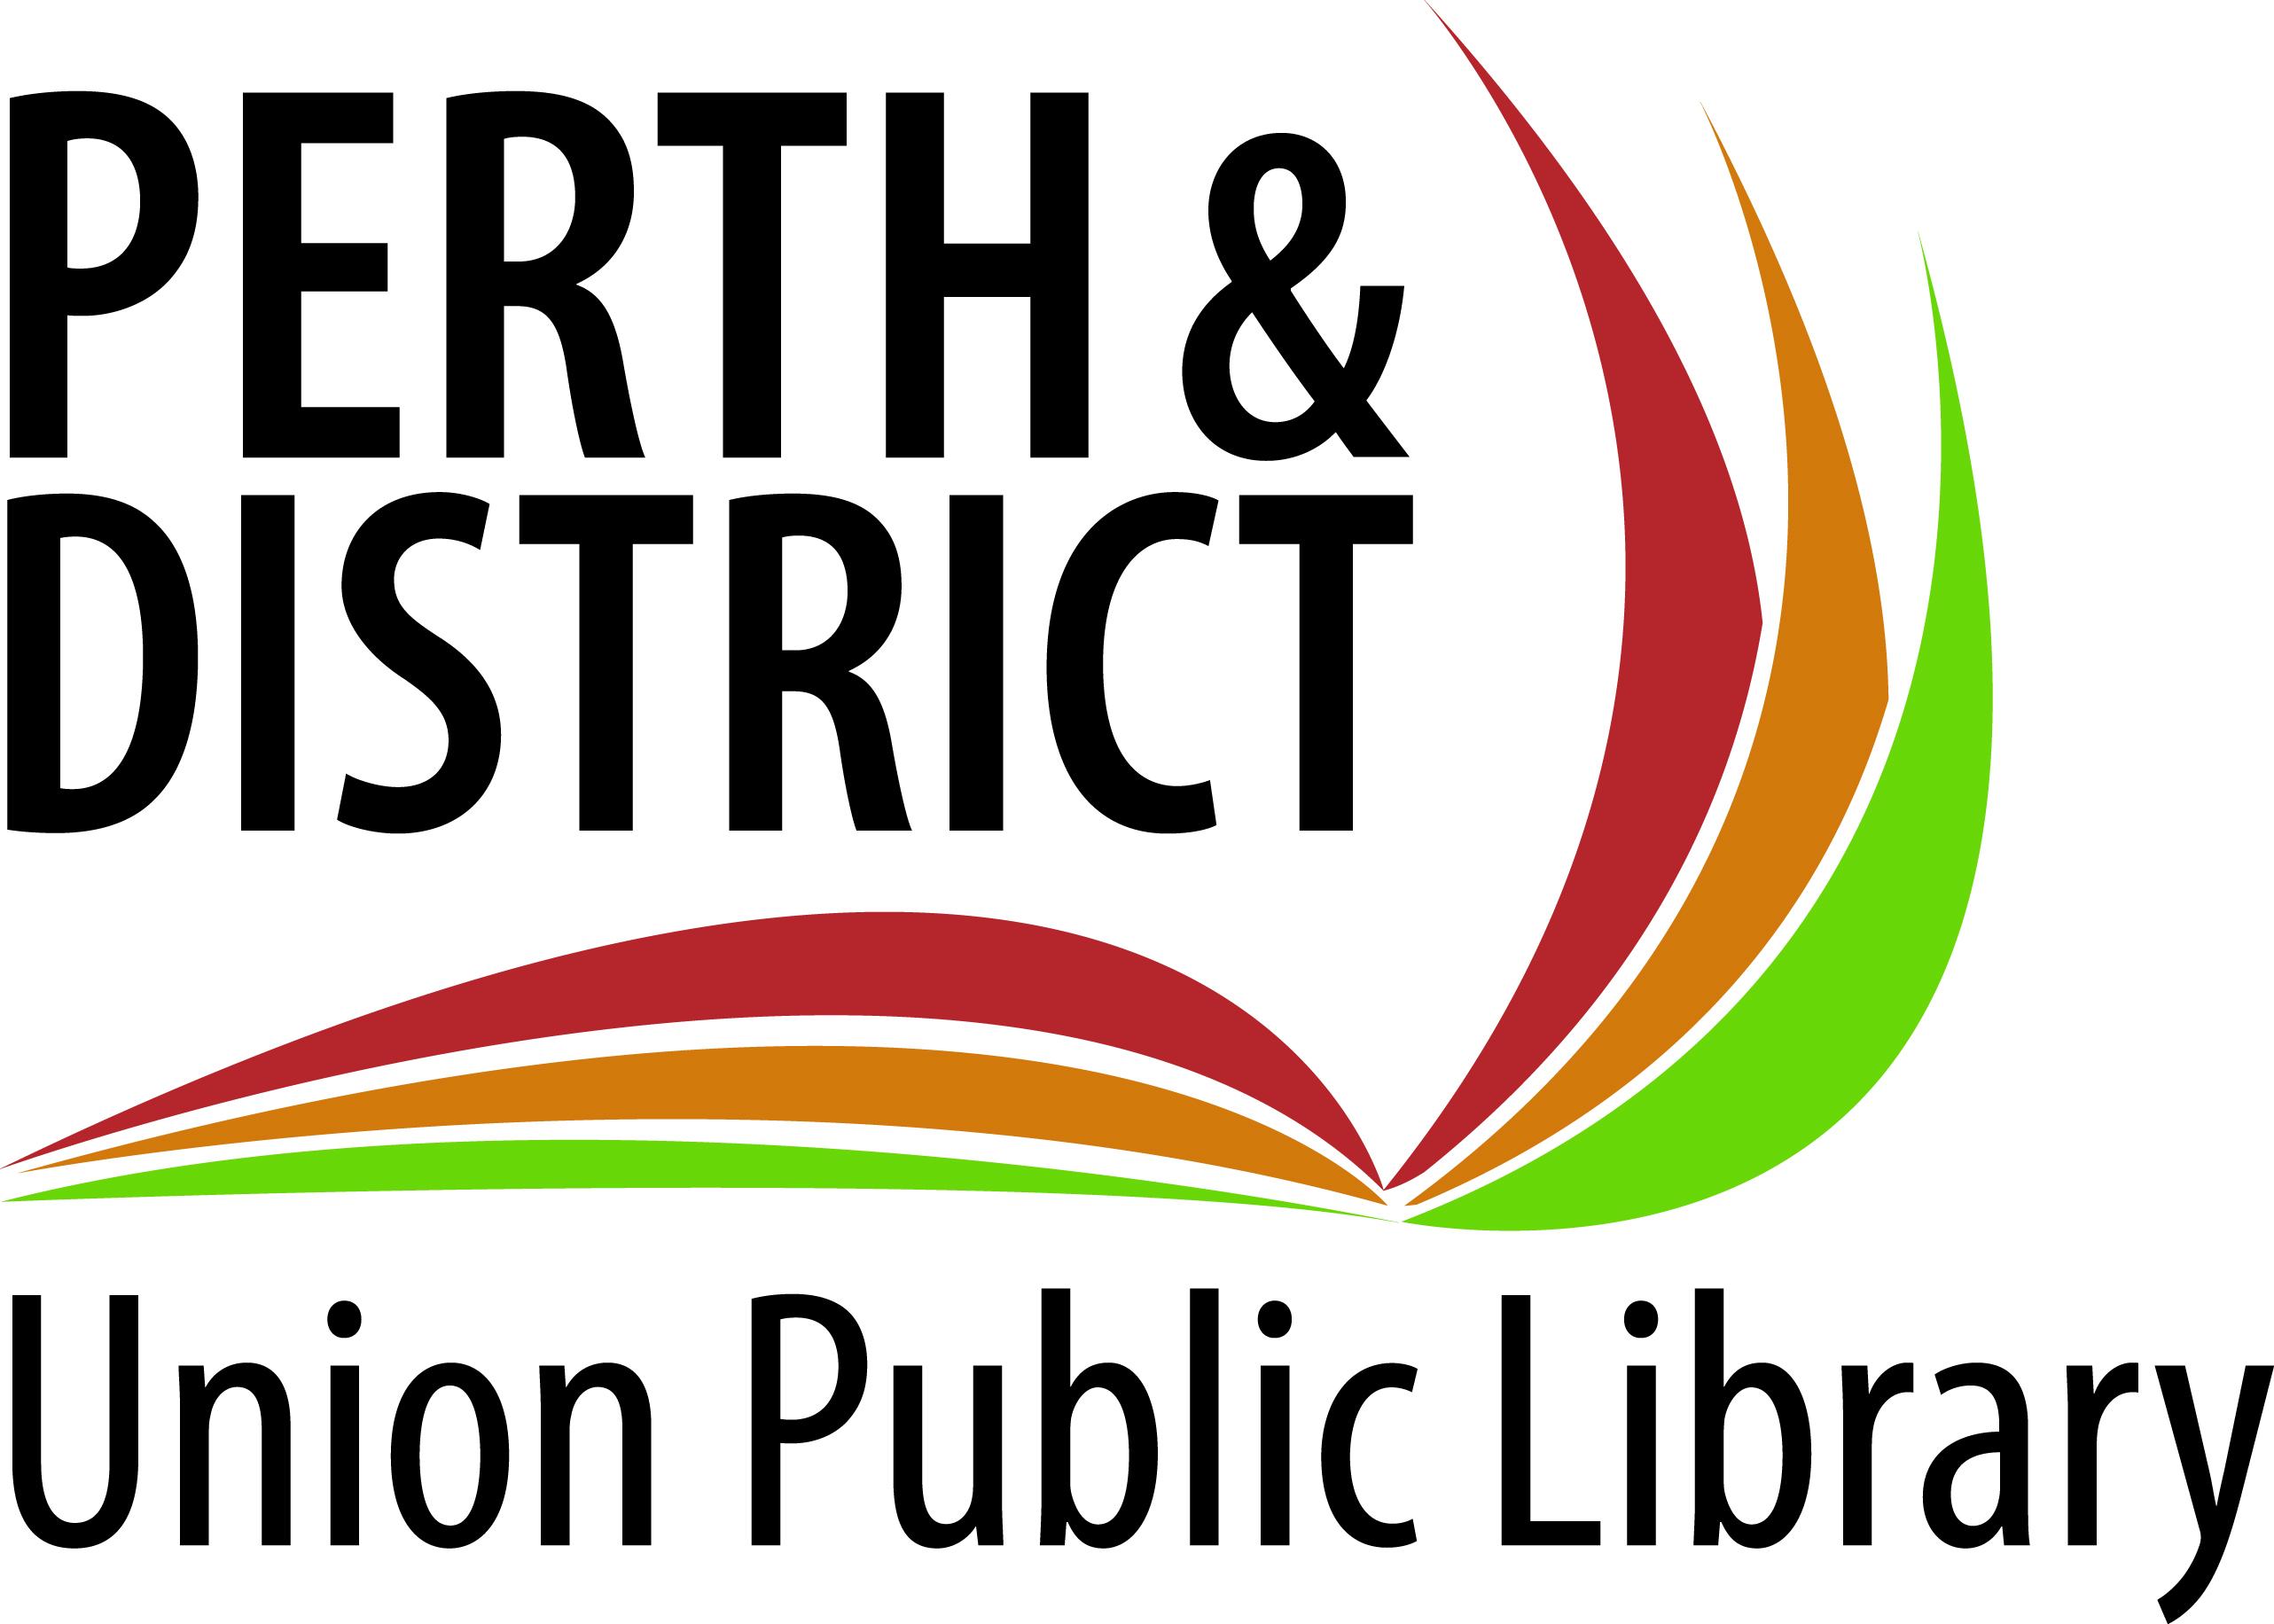 Perth Library Logo CMYKbig